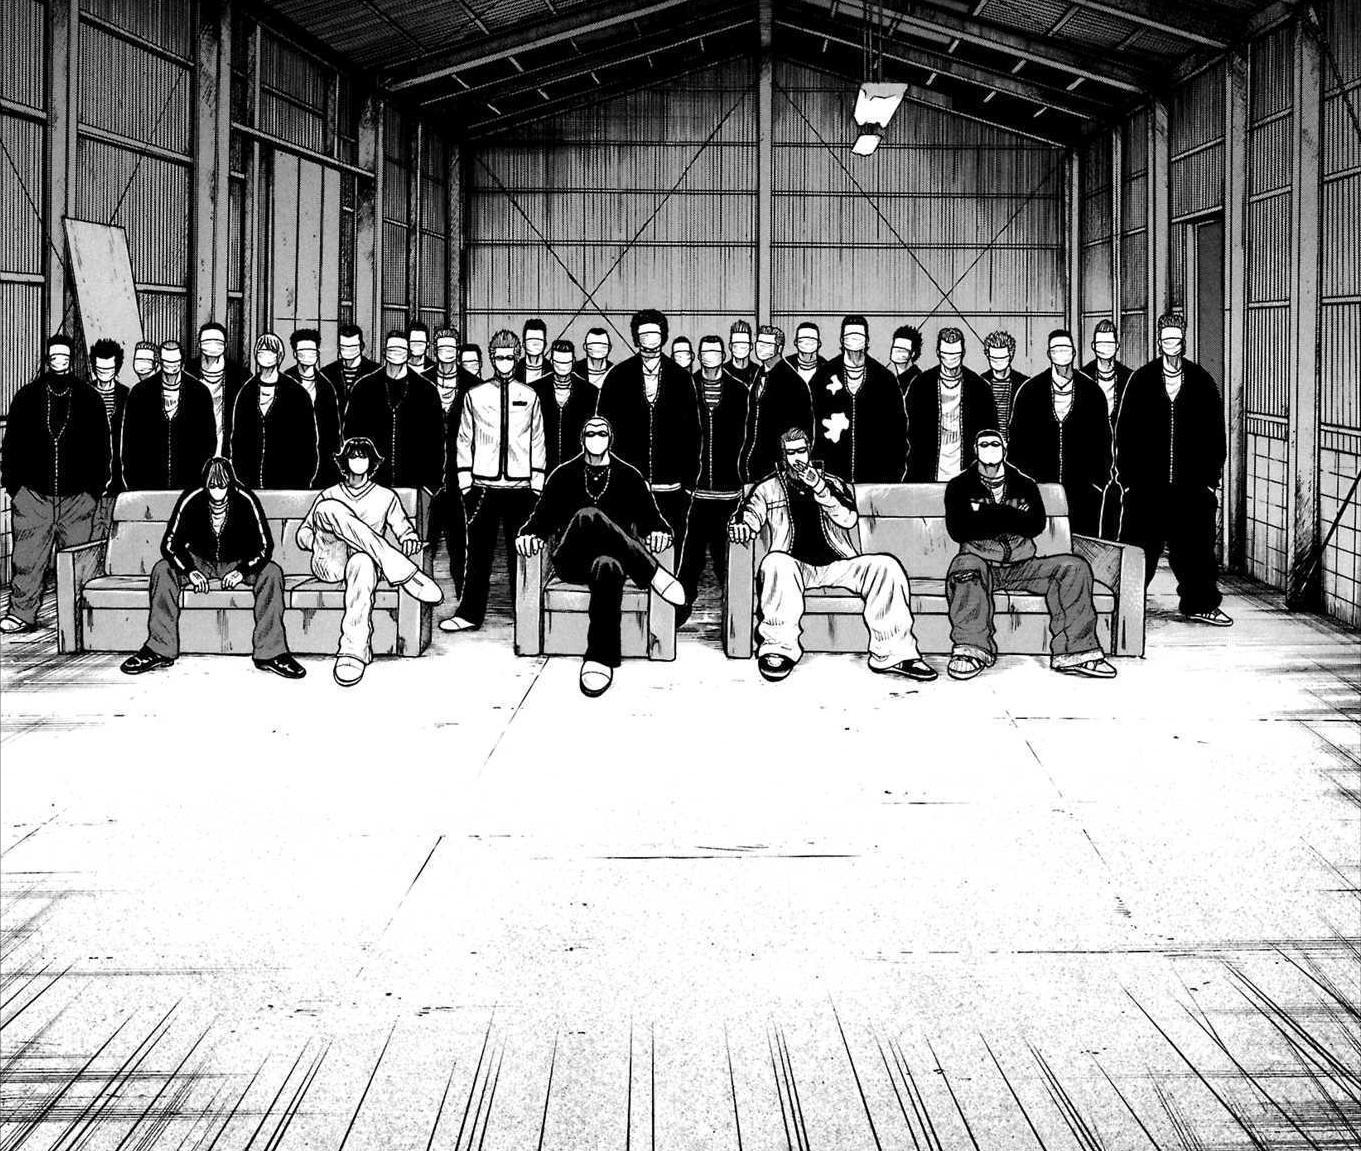 Amachi Army